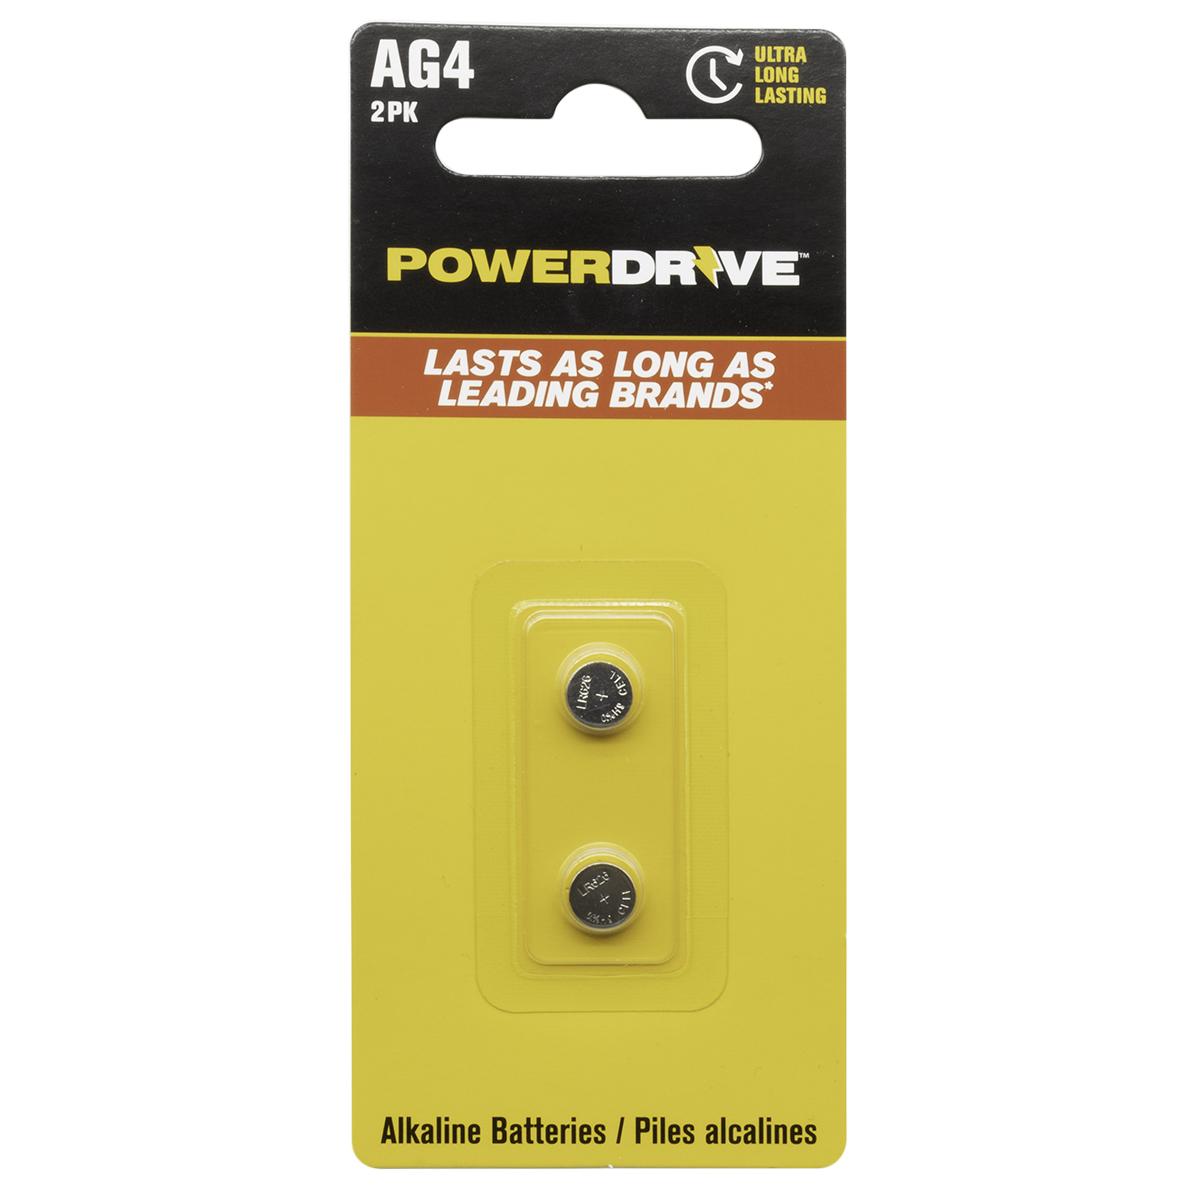 AG4 1.5V Alkaline Button Battery 2 Pack